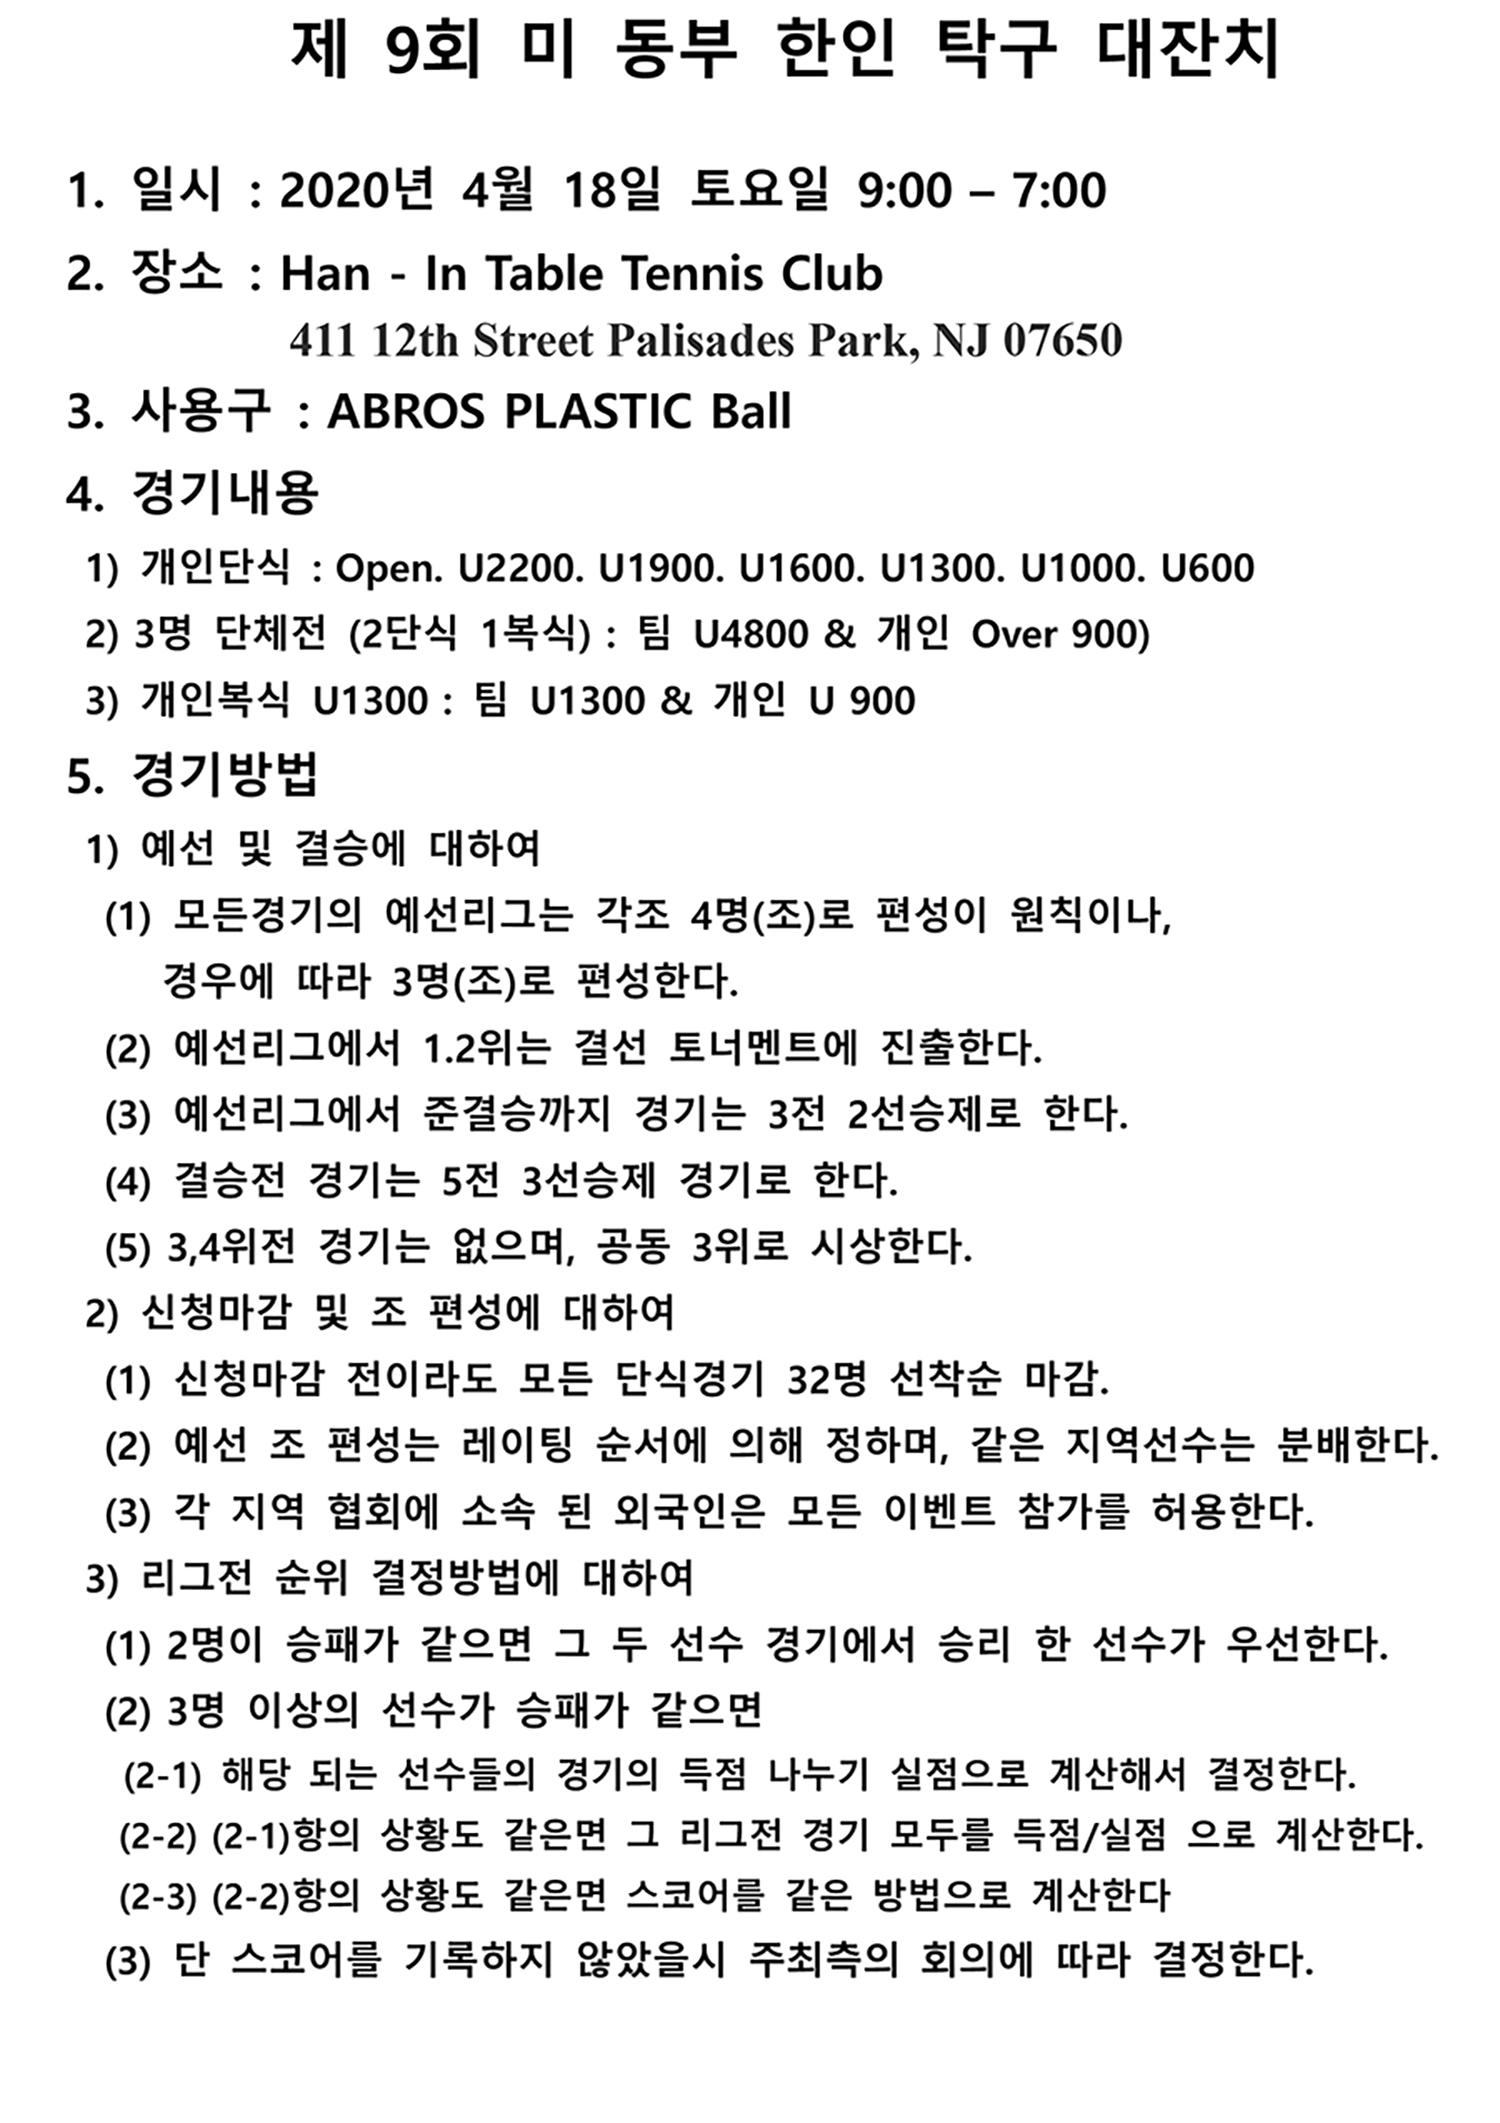 제9회 탁구대잔치 요강-1.jpg